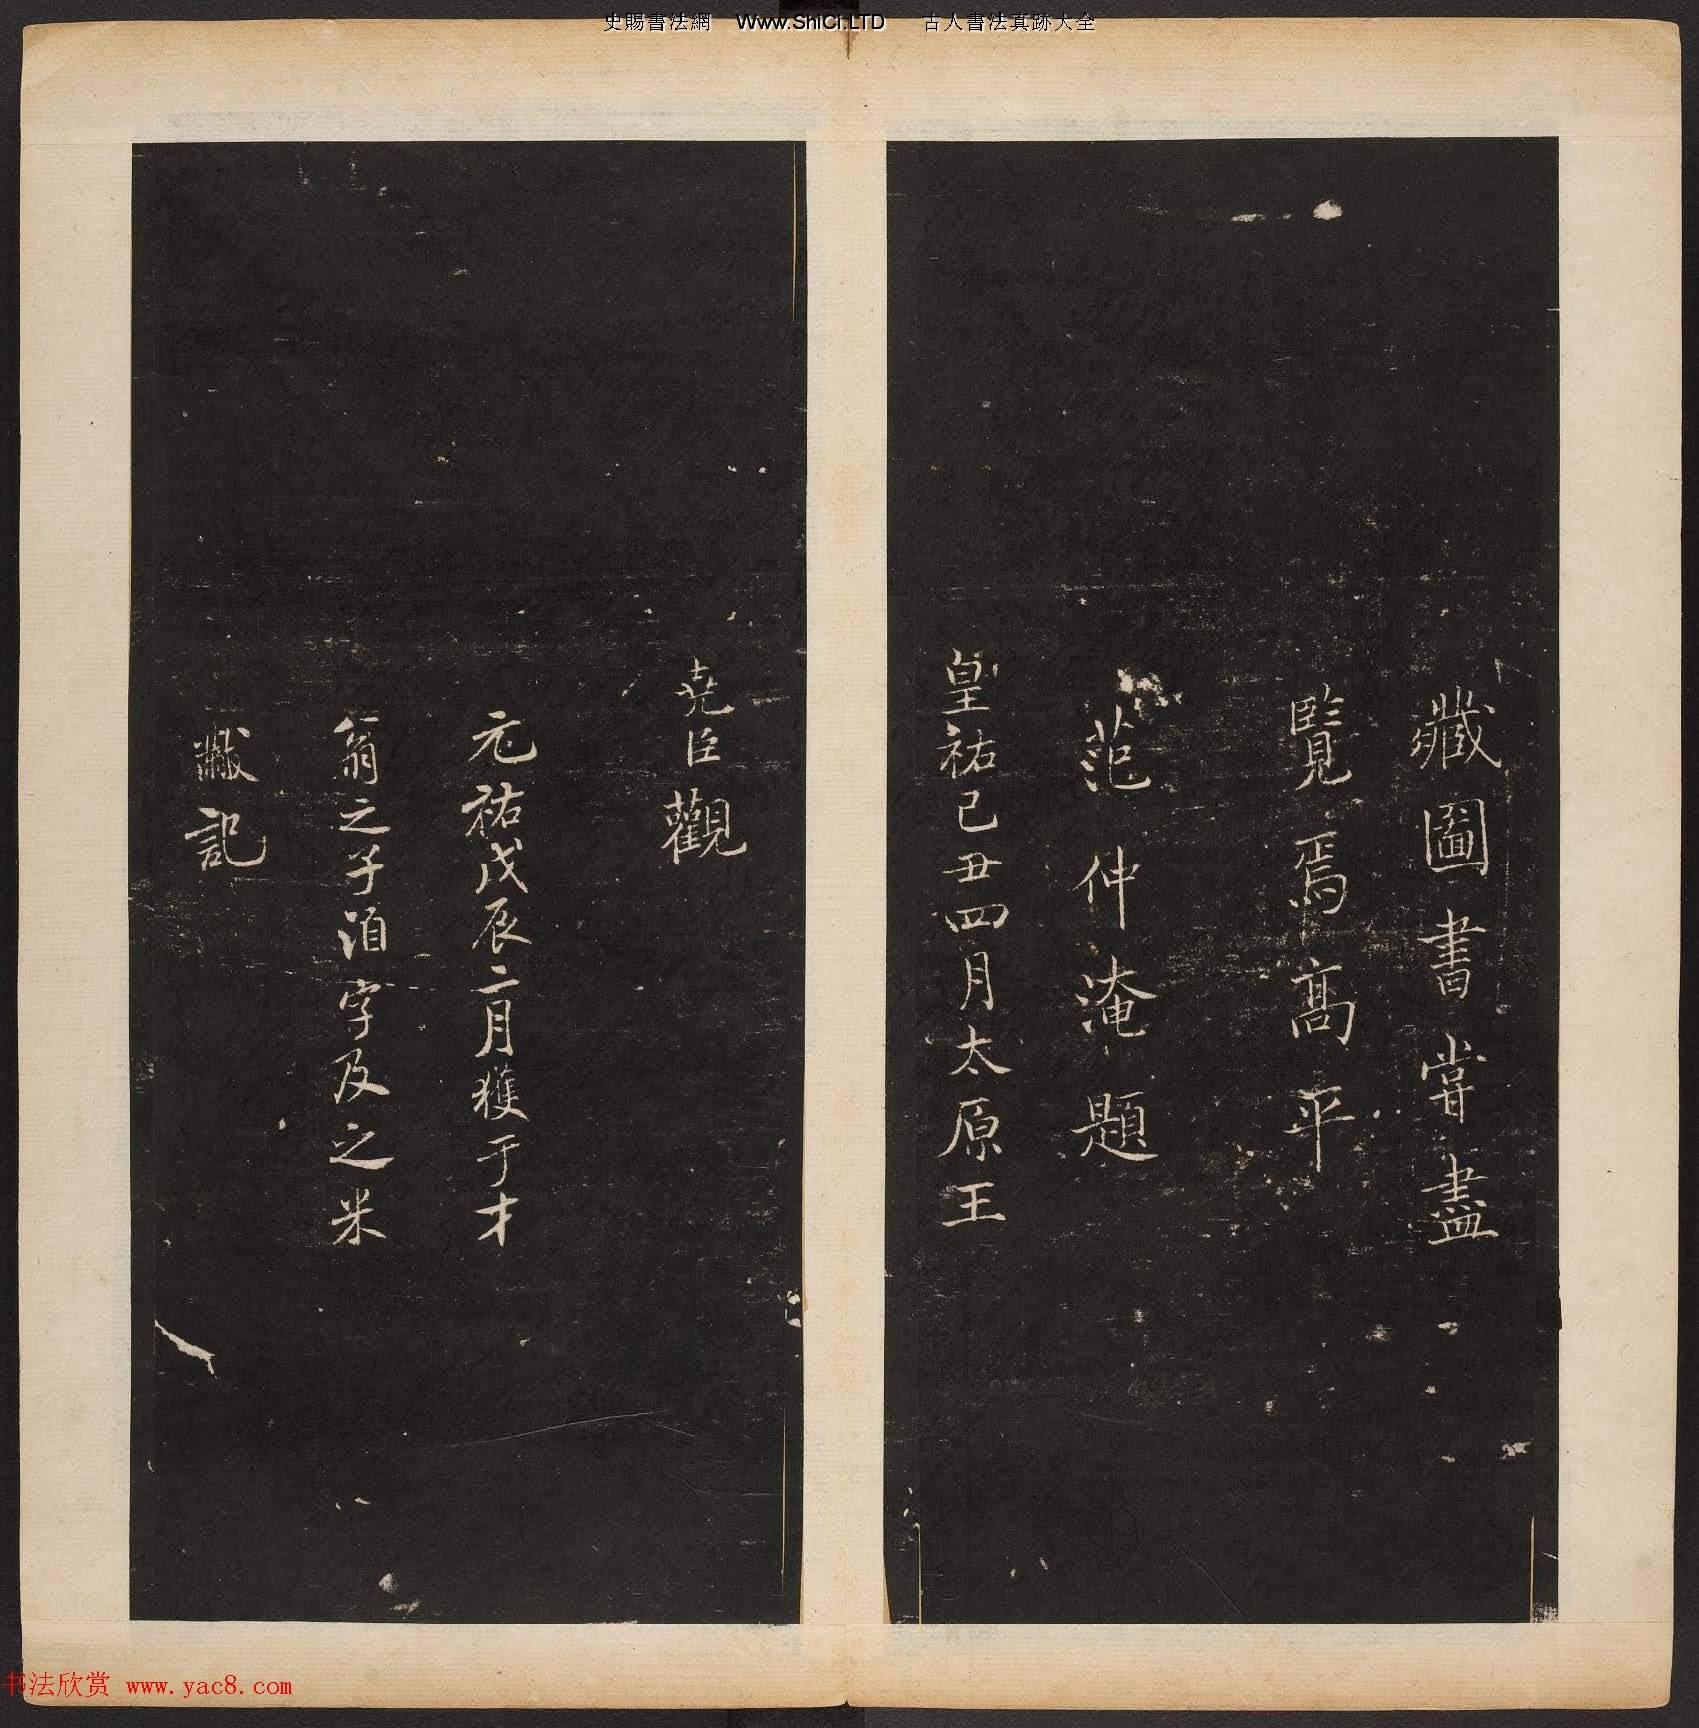 明代陳甫伸輯《渤海藏真帖》第一二冊合輯